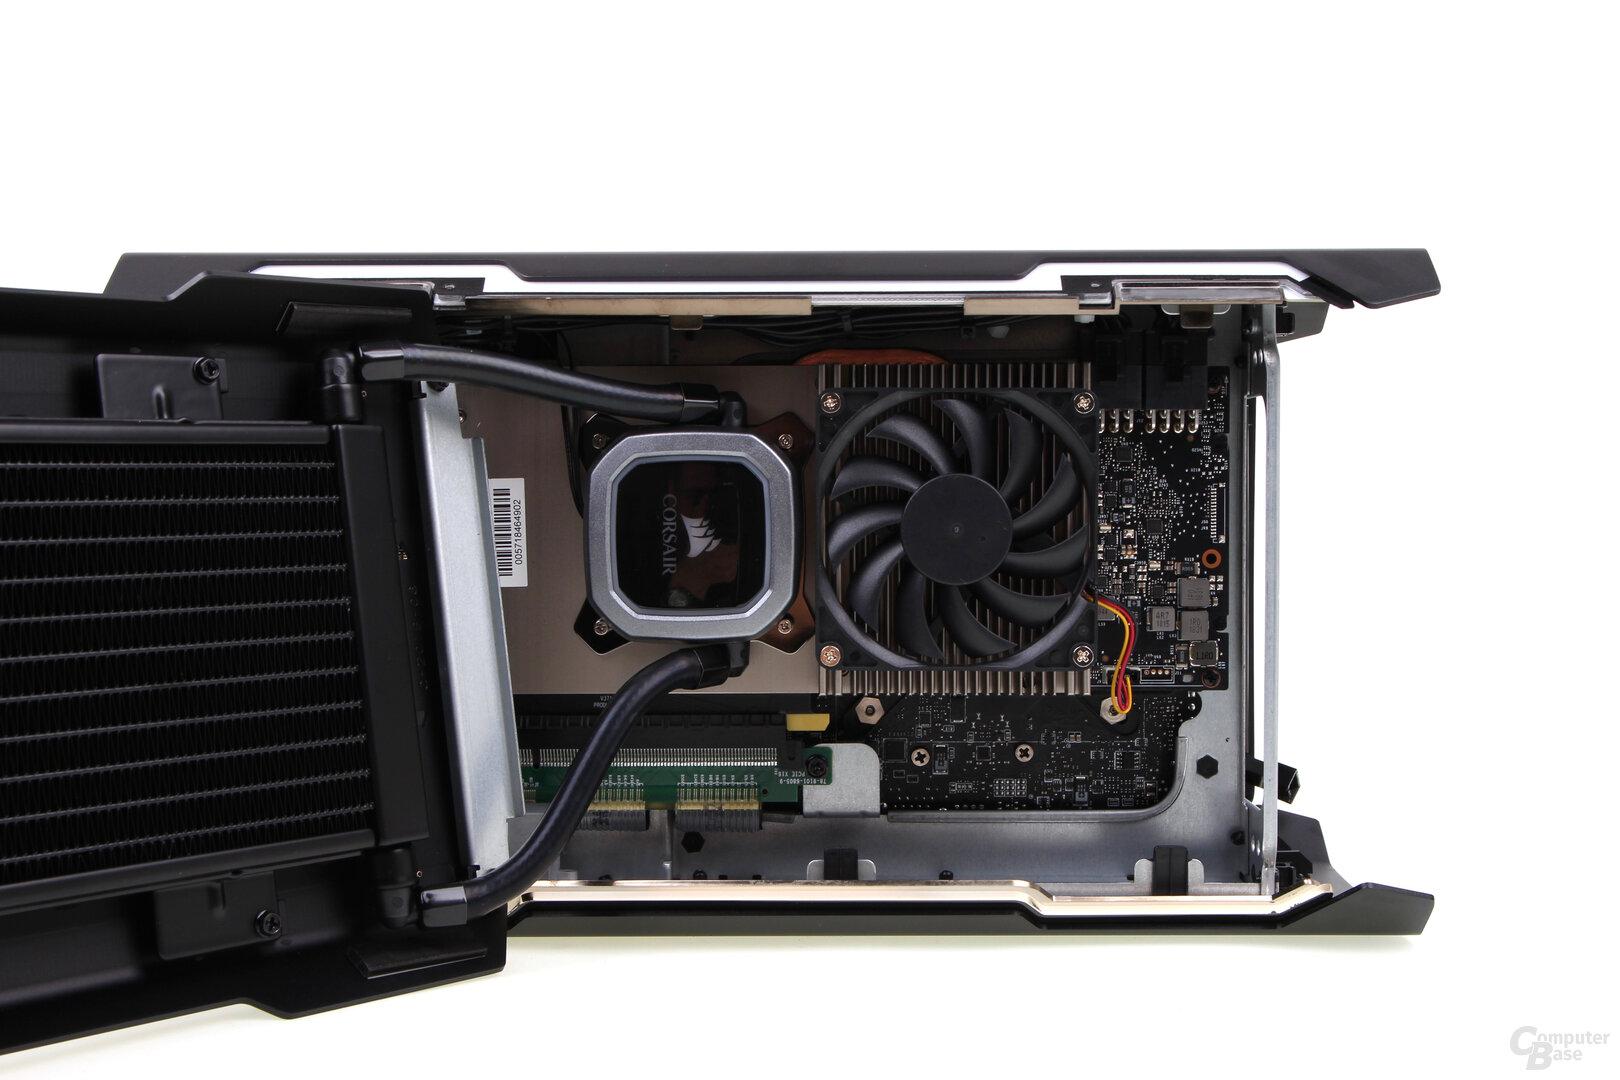 Blick auf die linke Seite mit der Grafikkarte und deren Hybrid-Kühlung